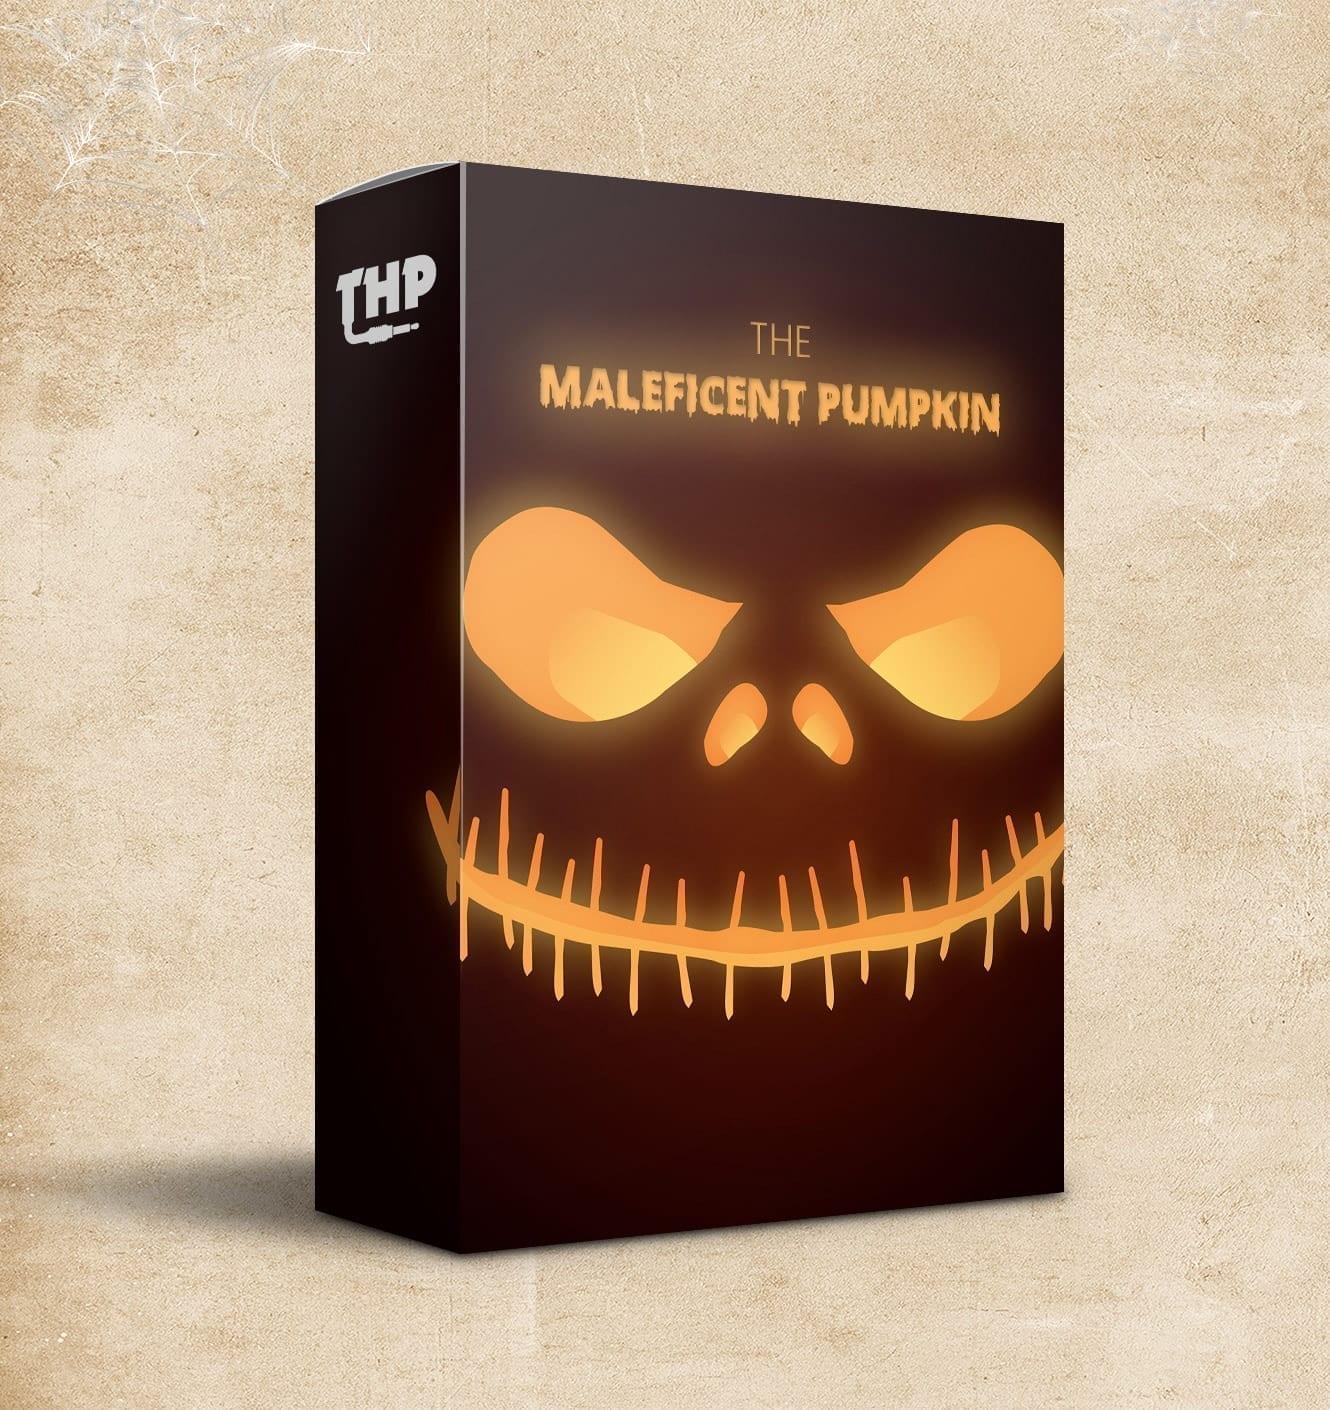 The Maleficent Pumpkin - 15 Haunting Trap Loops (Free MIDI Kit)